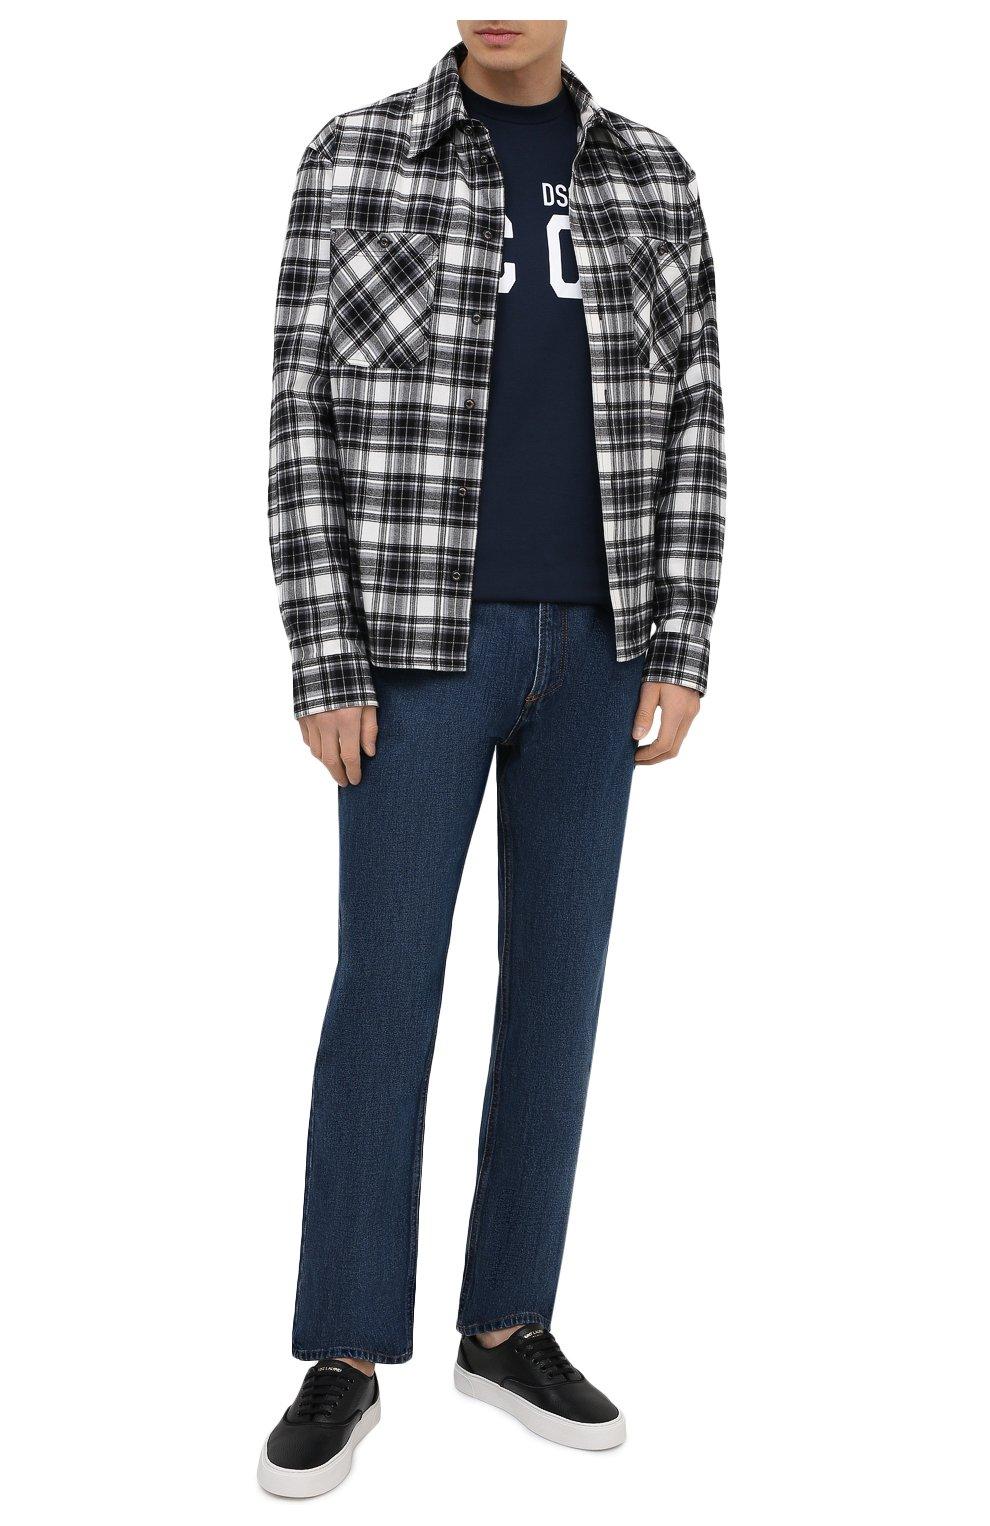 Мужская хлопковая футболка DSQUARED2 темно-синего цвета, арт. S79GC0003/S23009 | Фото 2 (Рукава: Короткие; Длина (для топов): Стандартные; Стили: Гранж; Принт: С принтом; Материал внешний: Хлопок)